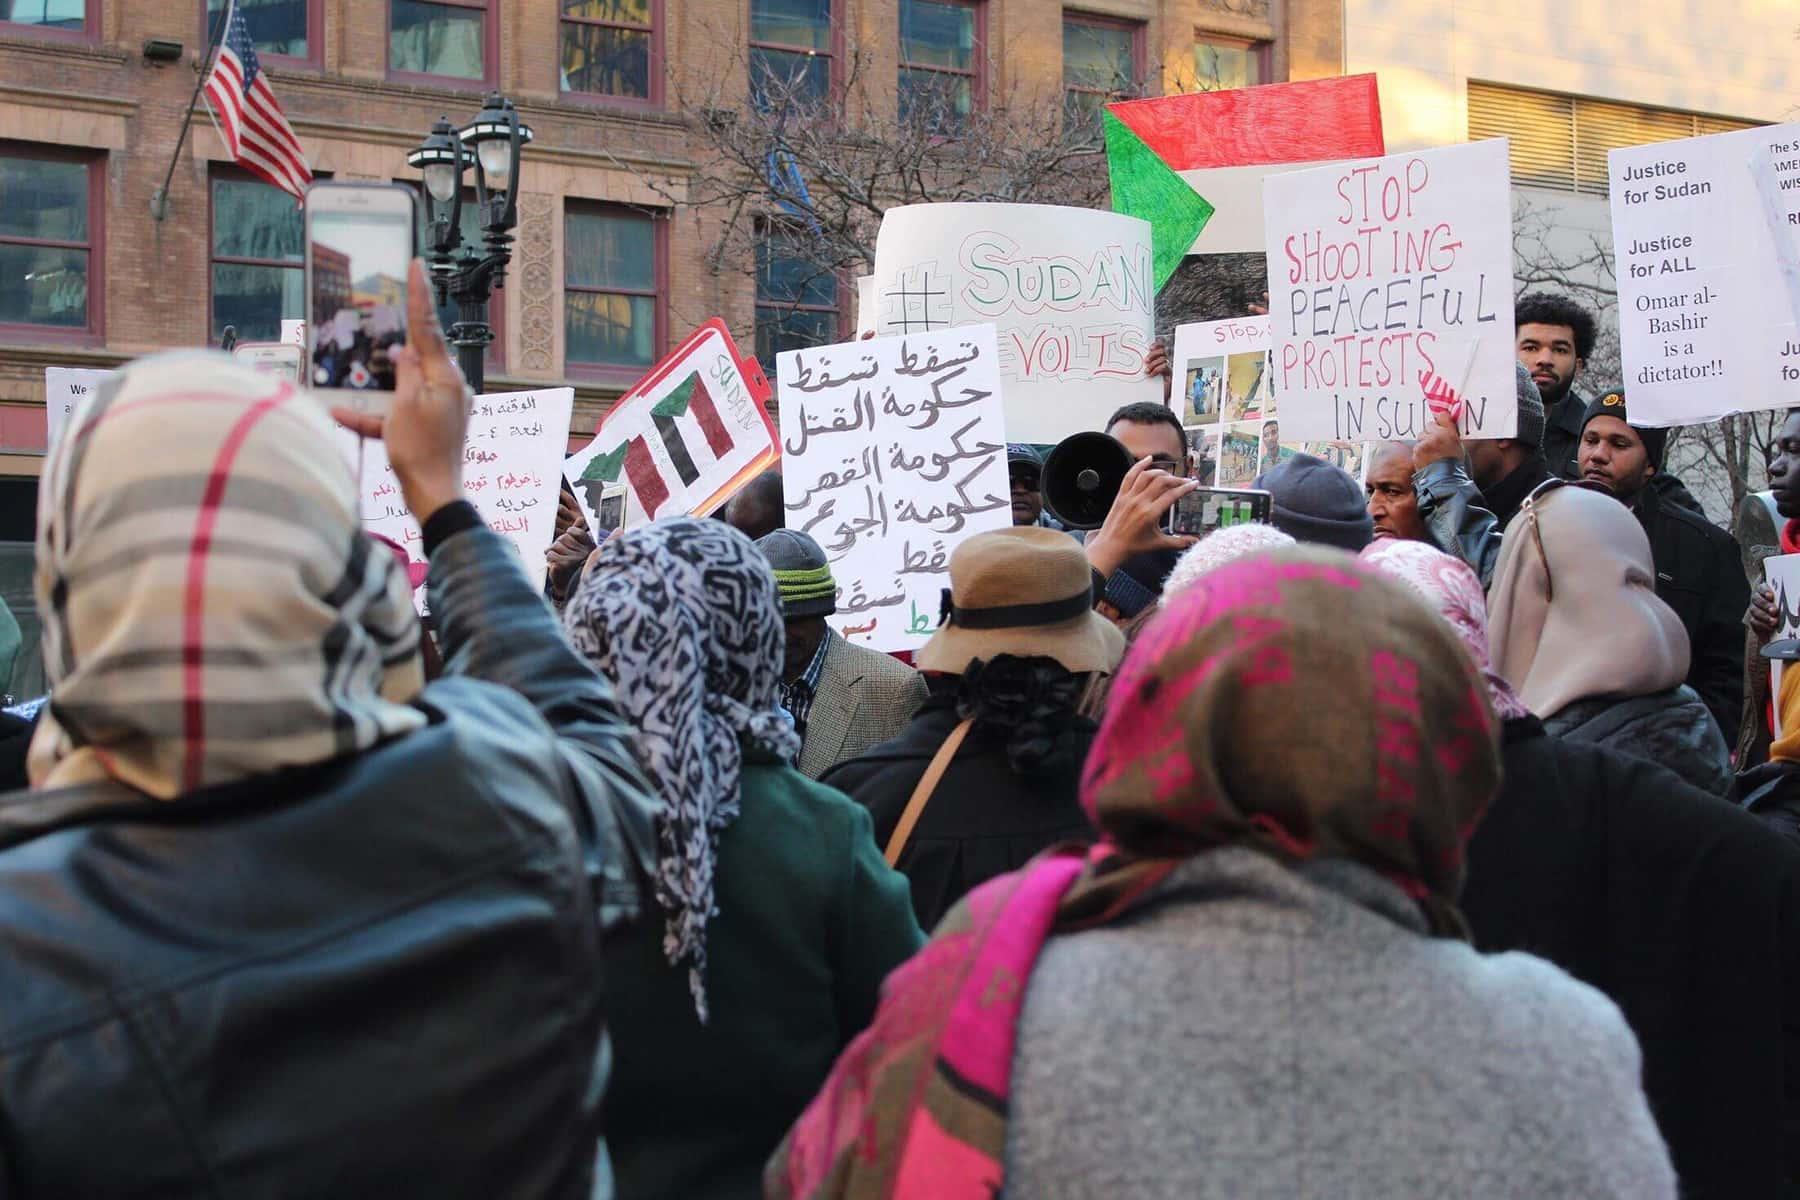 010419_SudanProtest_002